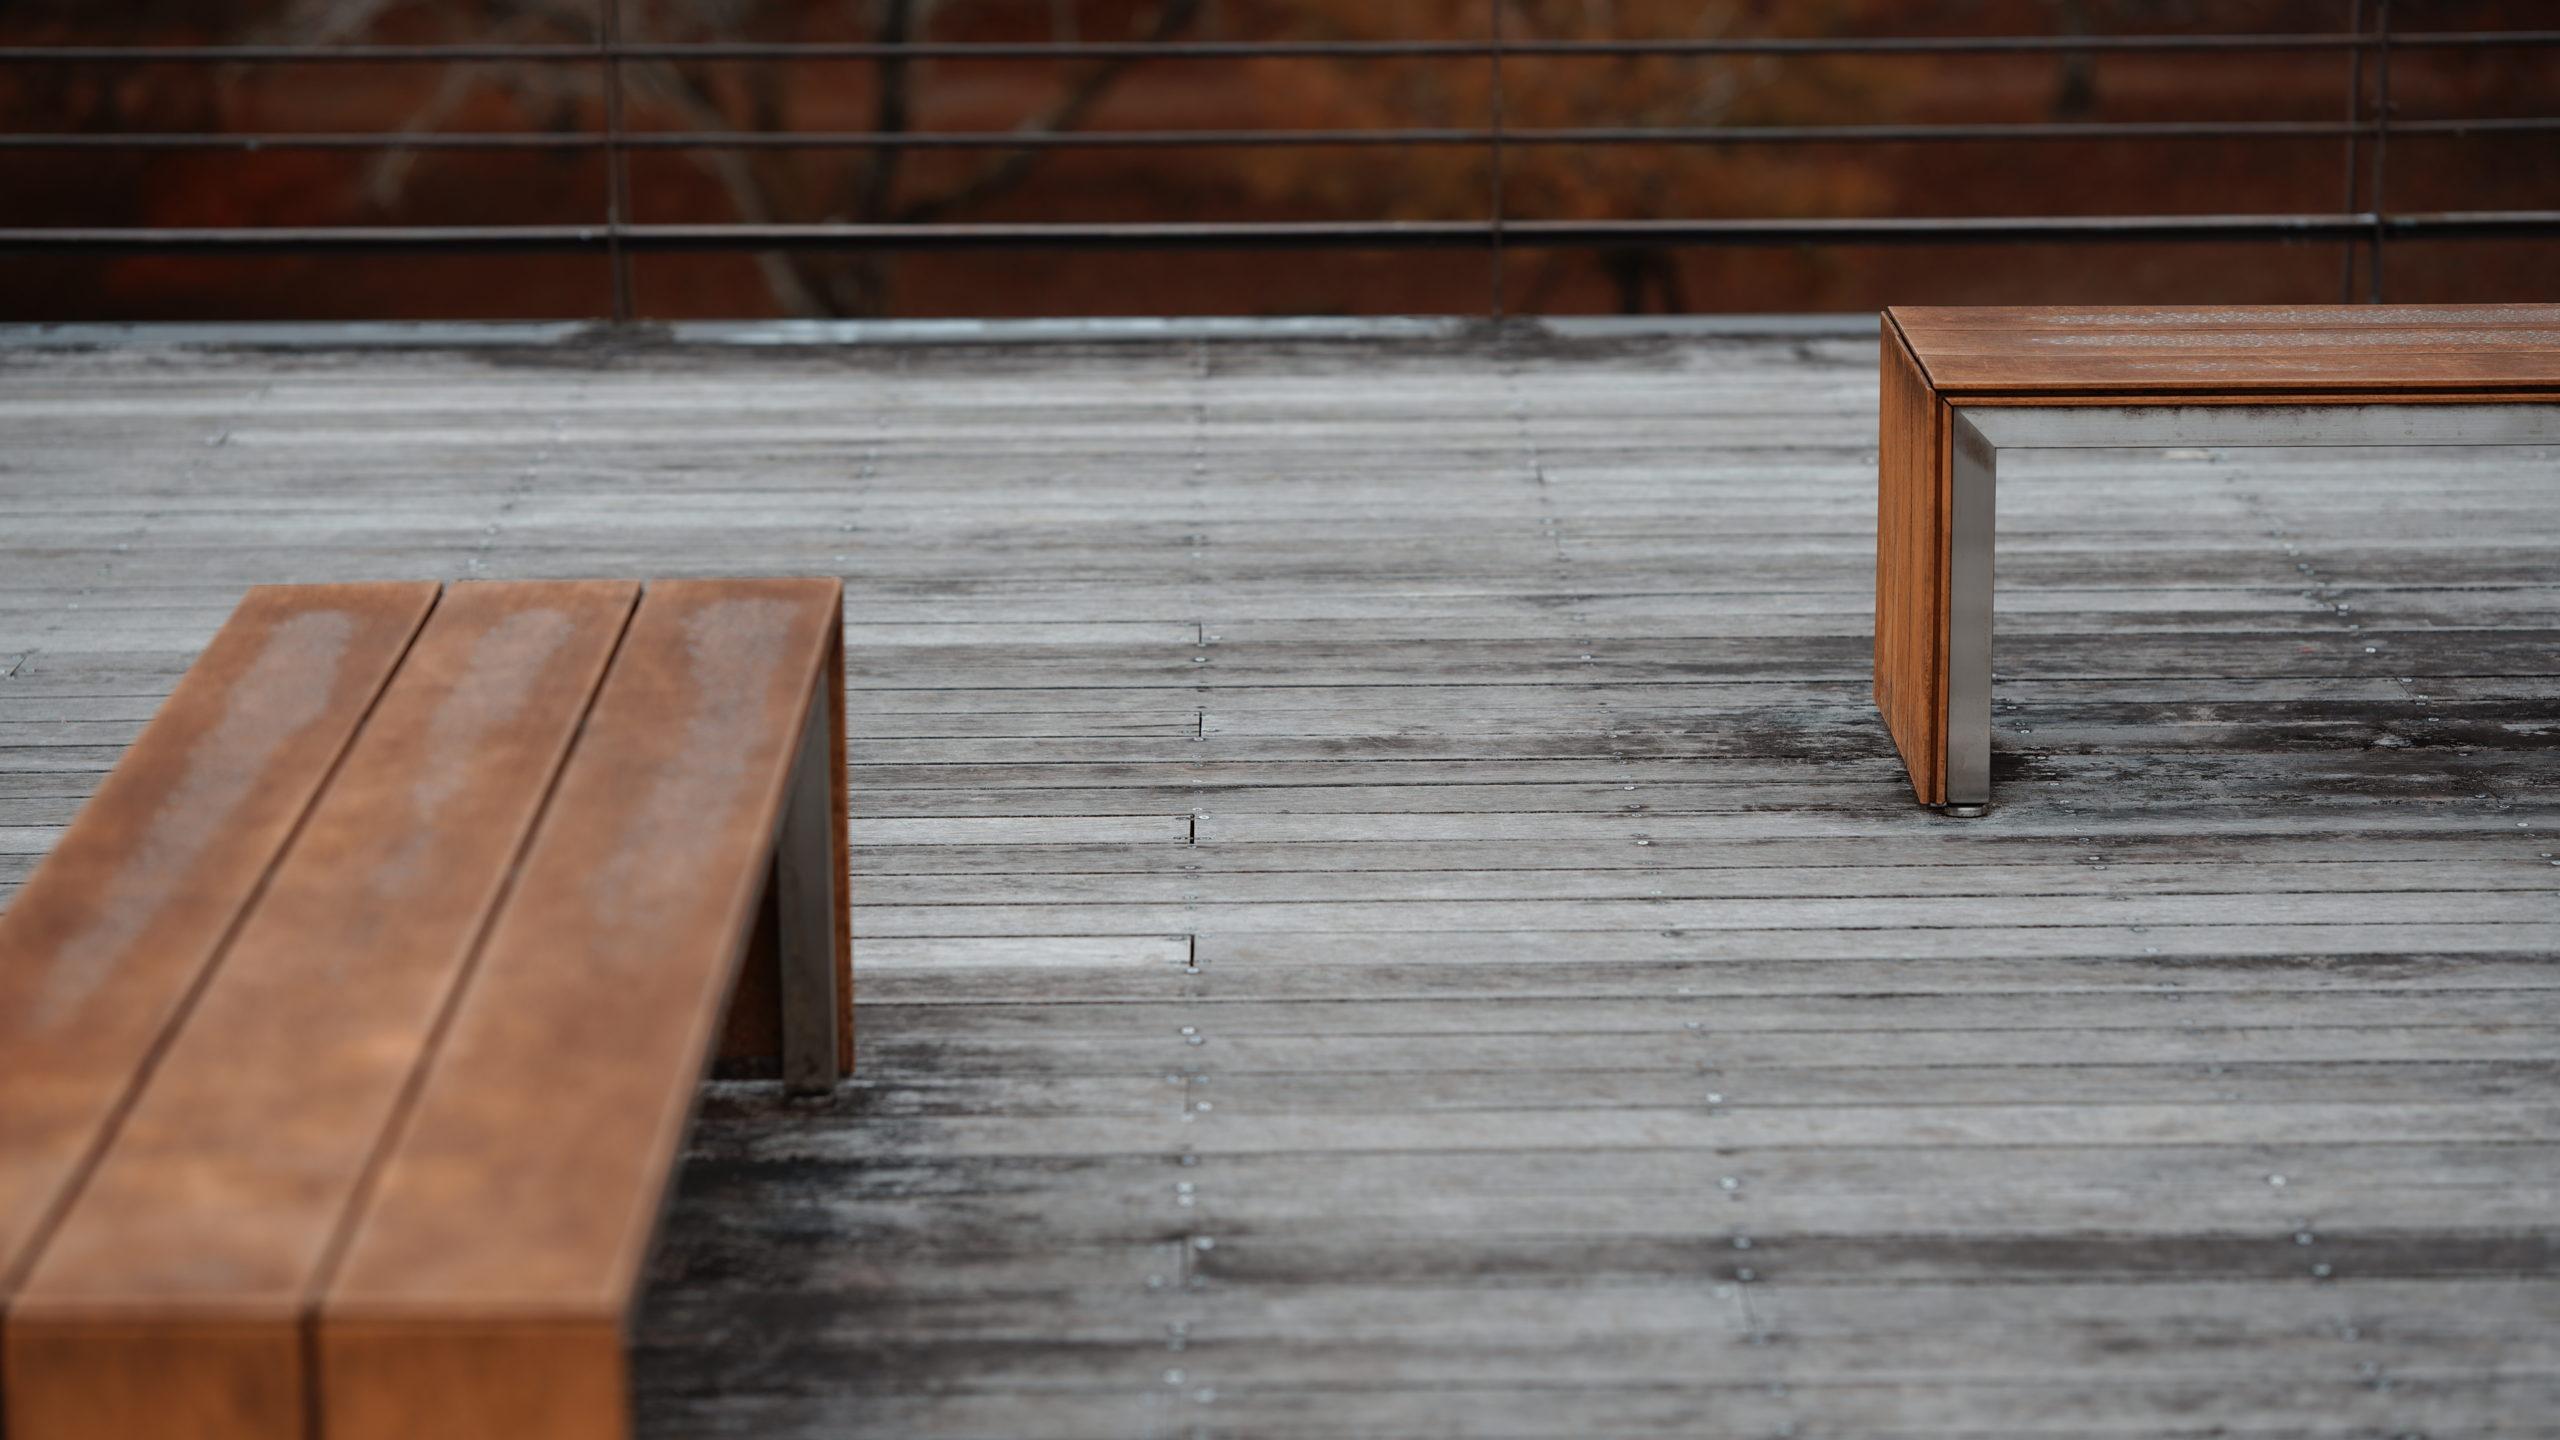 曽木の滝公園のベンチ